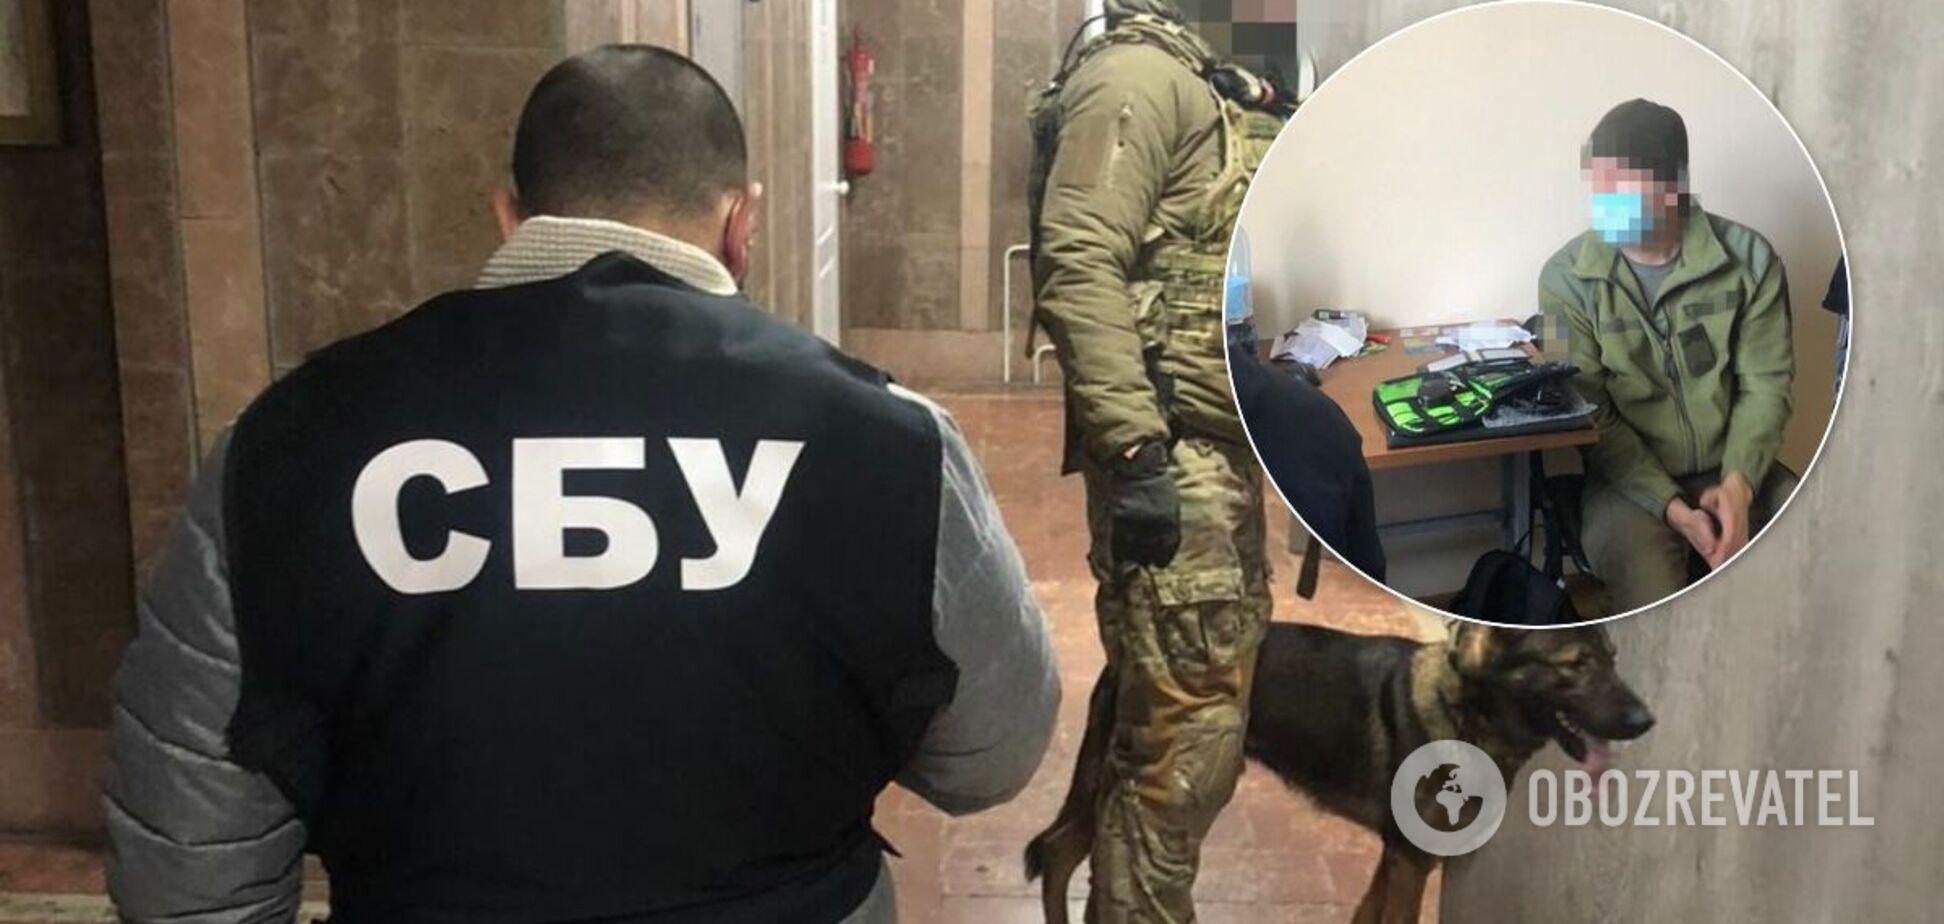 СБУ разоблачила предателя Украины